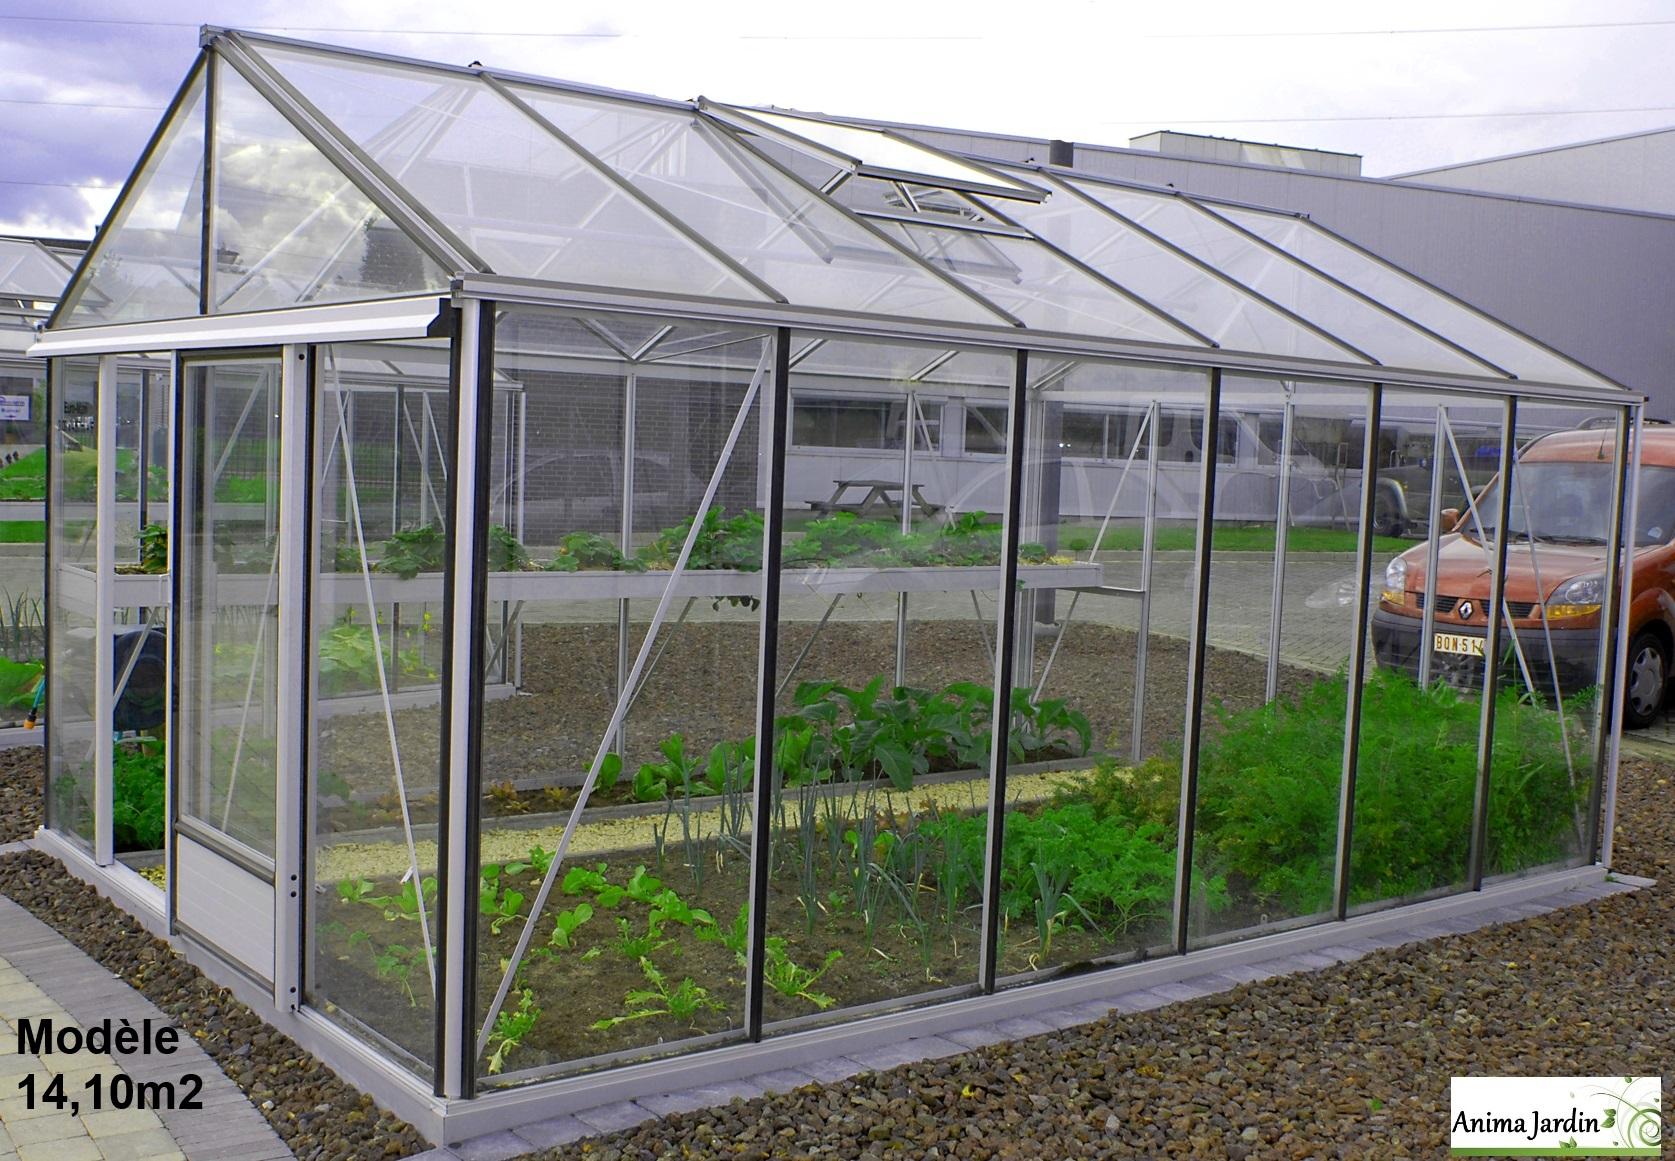 Serre de jardin véranda jardin d hiver Anima Jardin